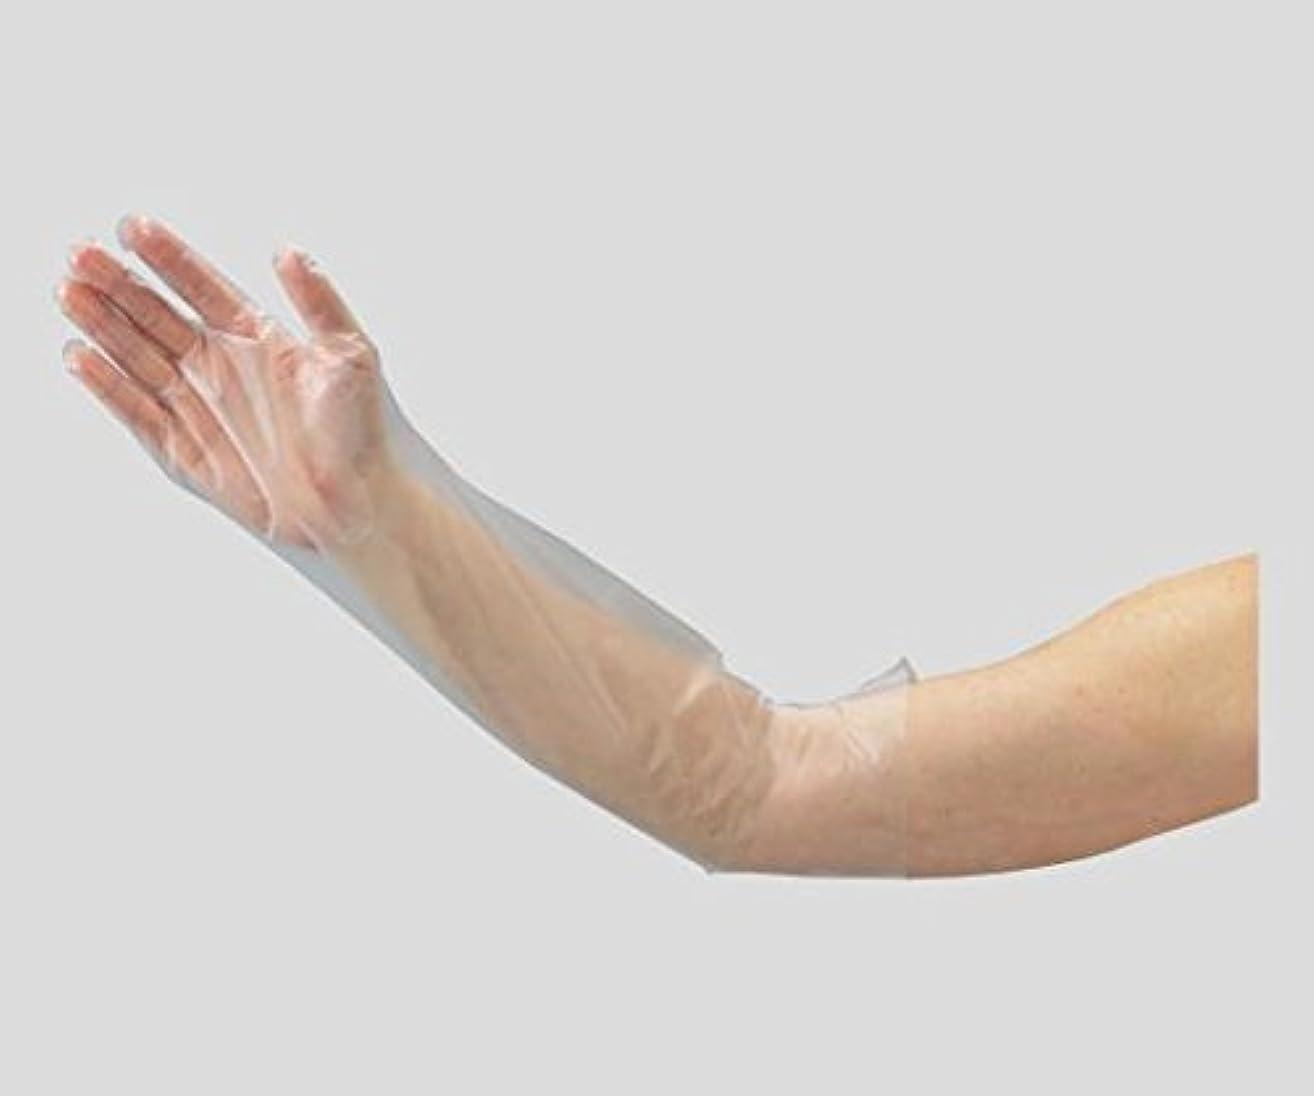 図書館領事館文2-9757-01ポリエチレンロング手袋(ひじピタ)S100枚入